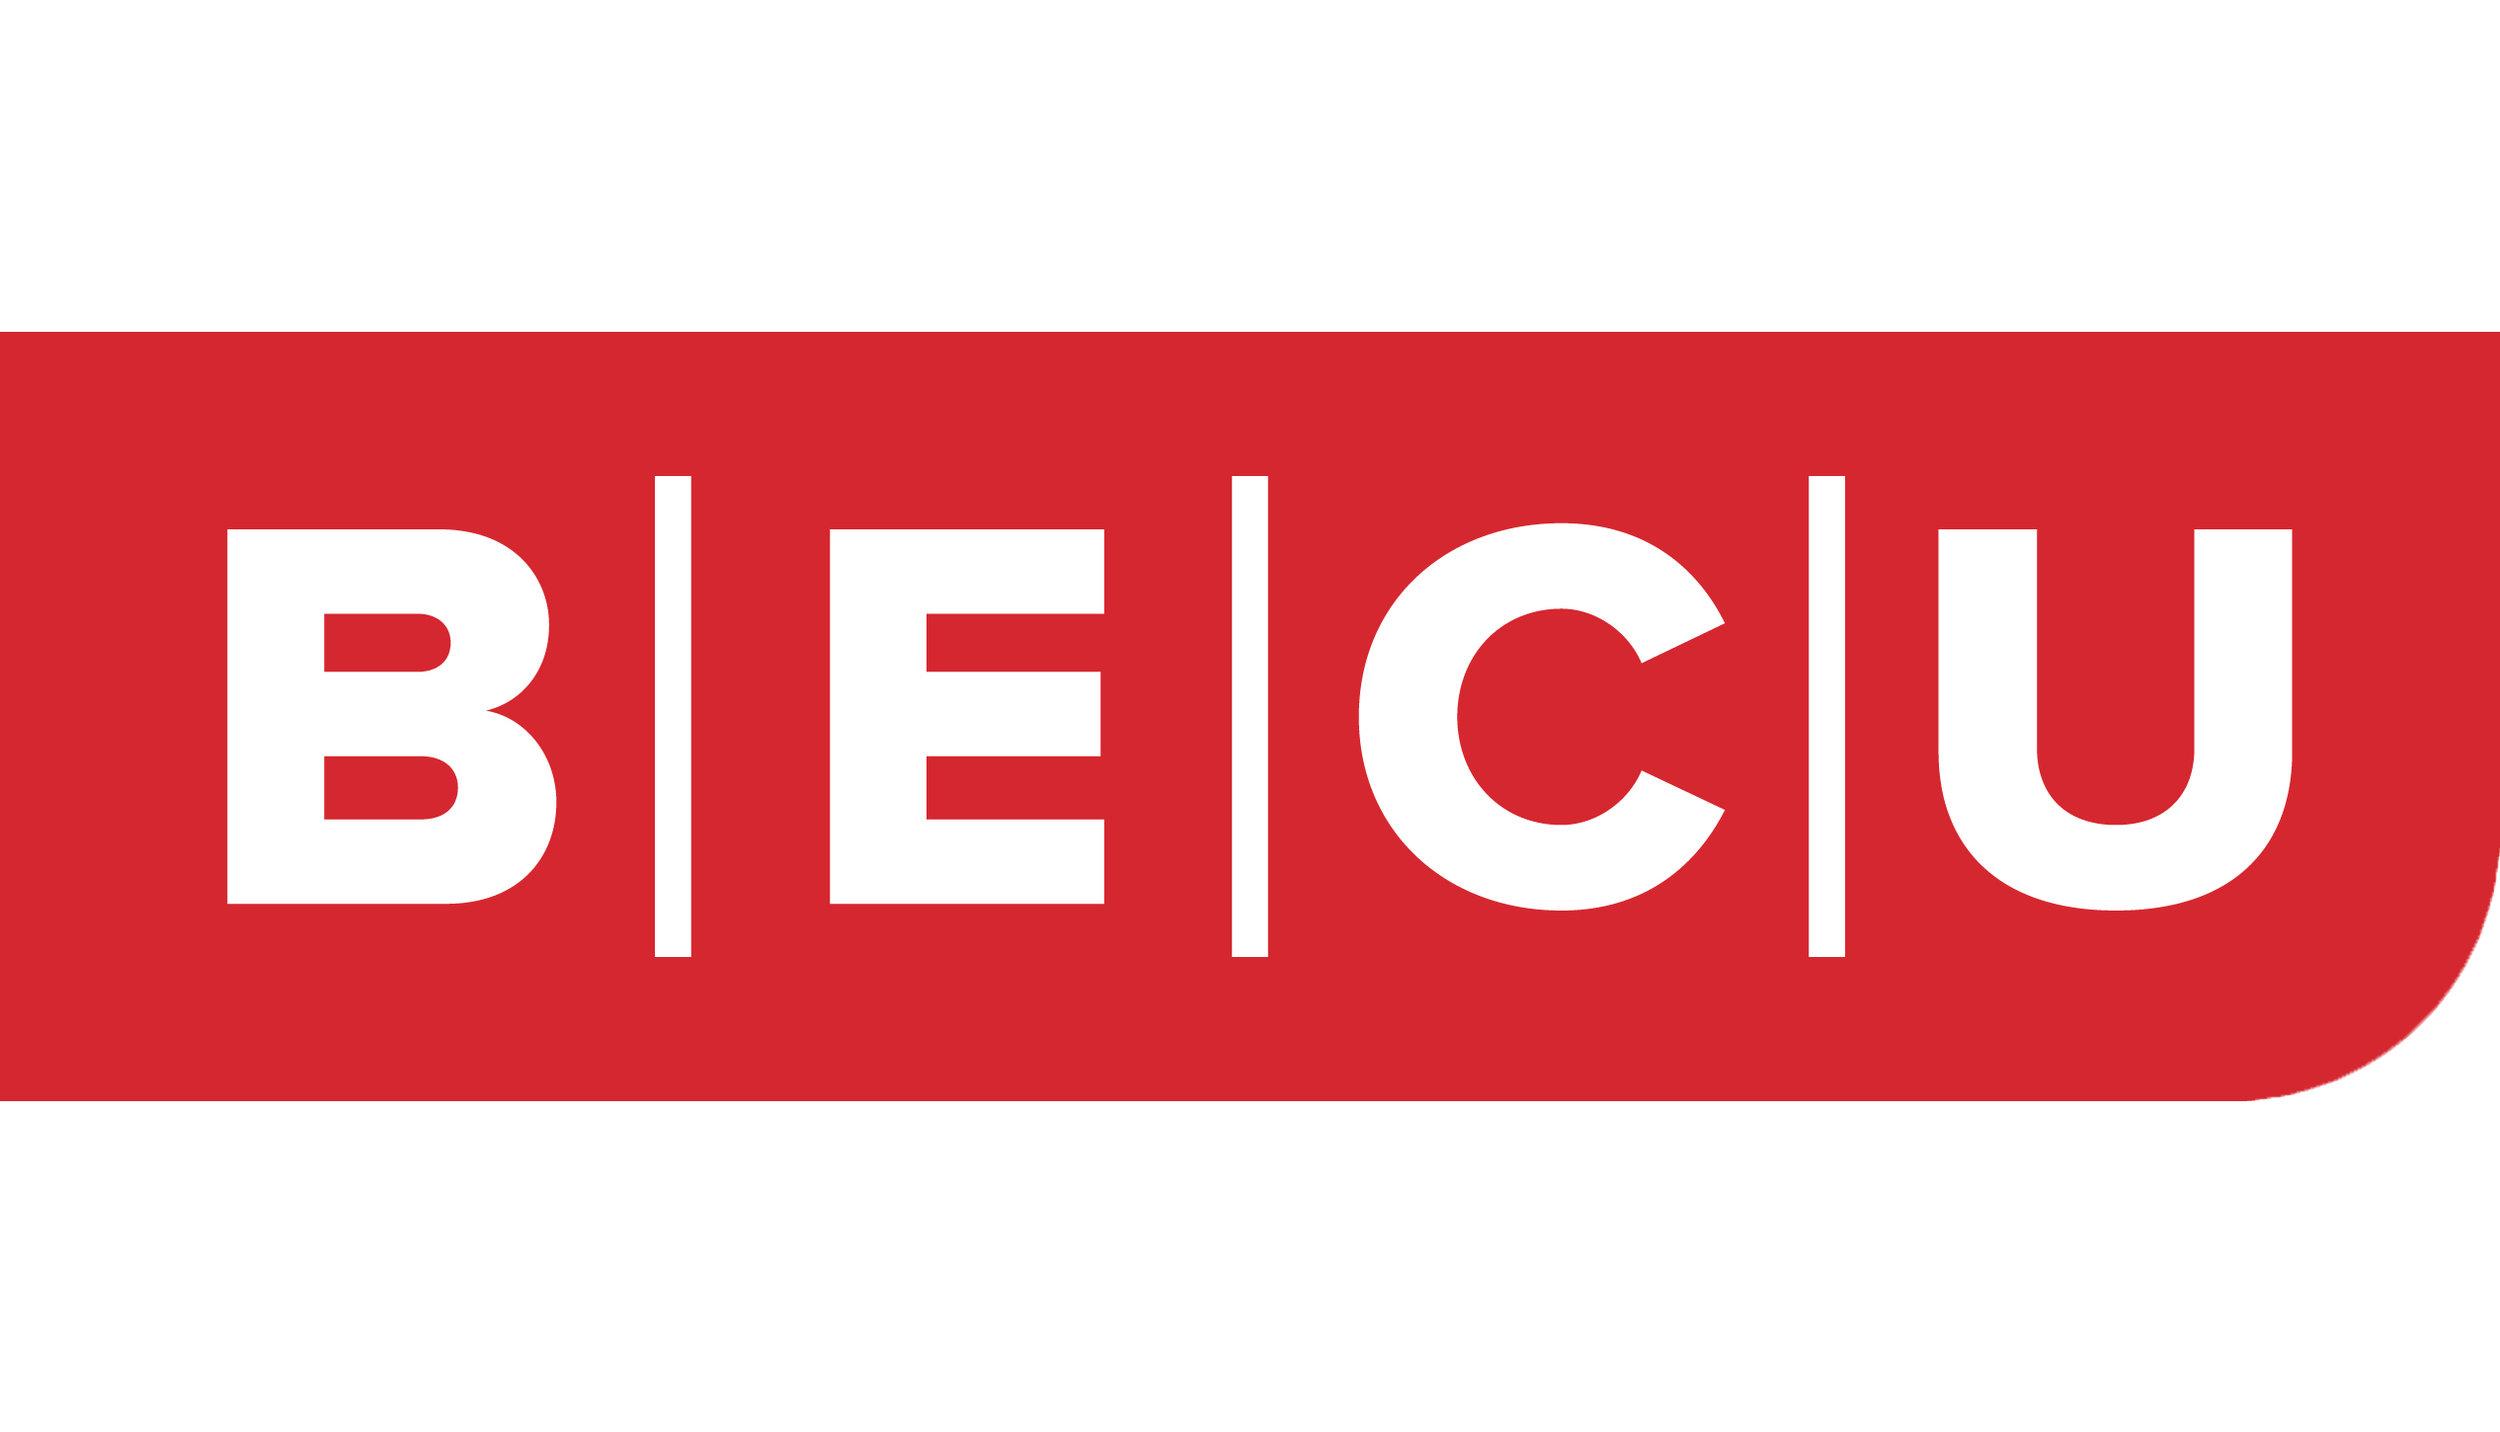 BECU_logo.jpg